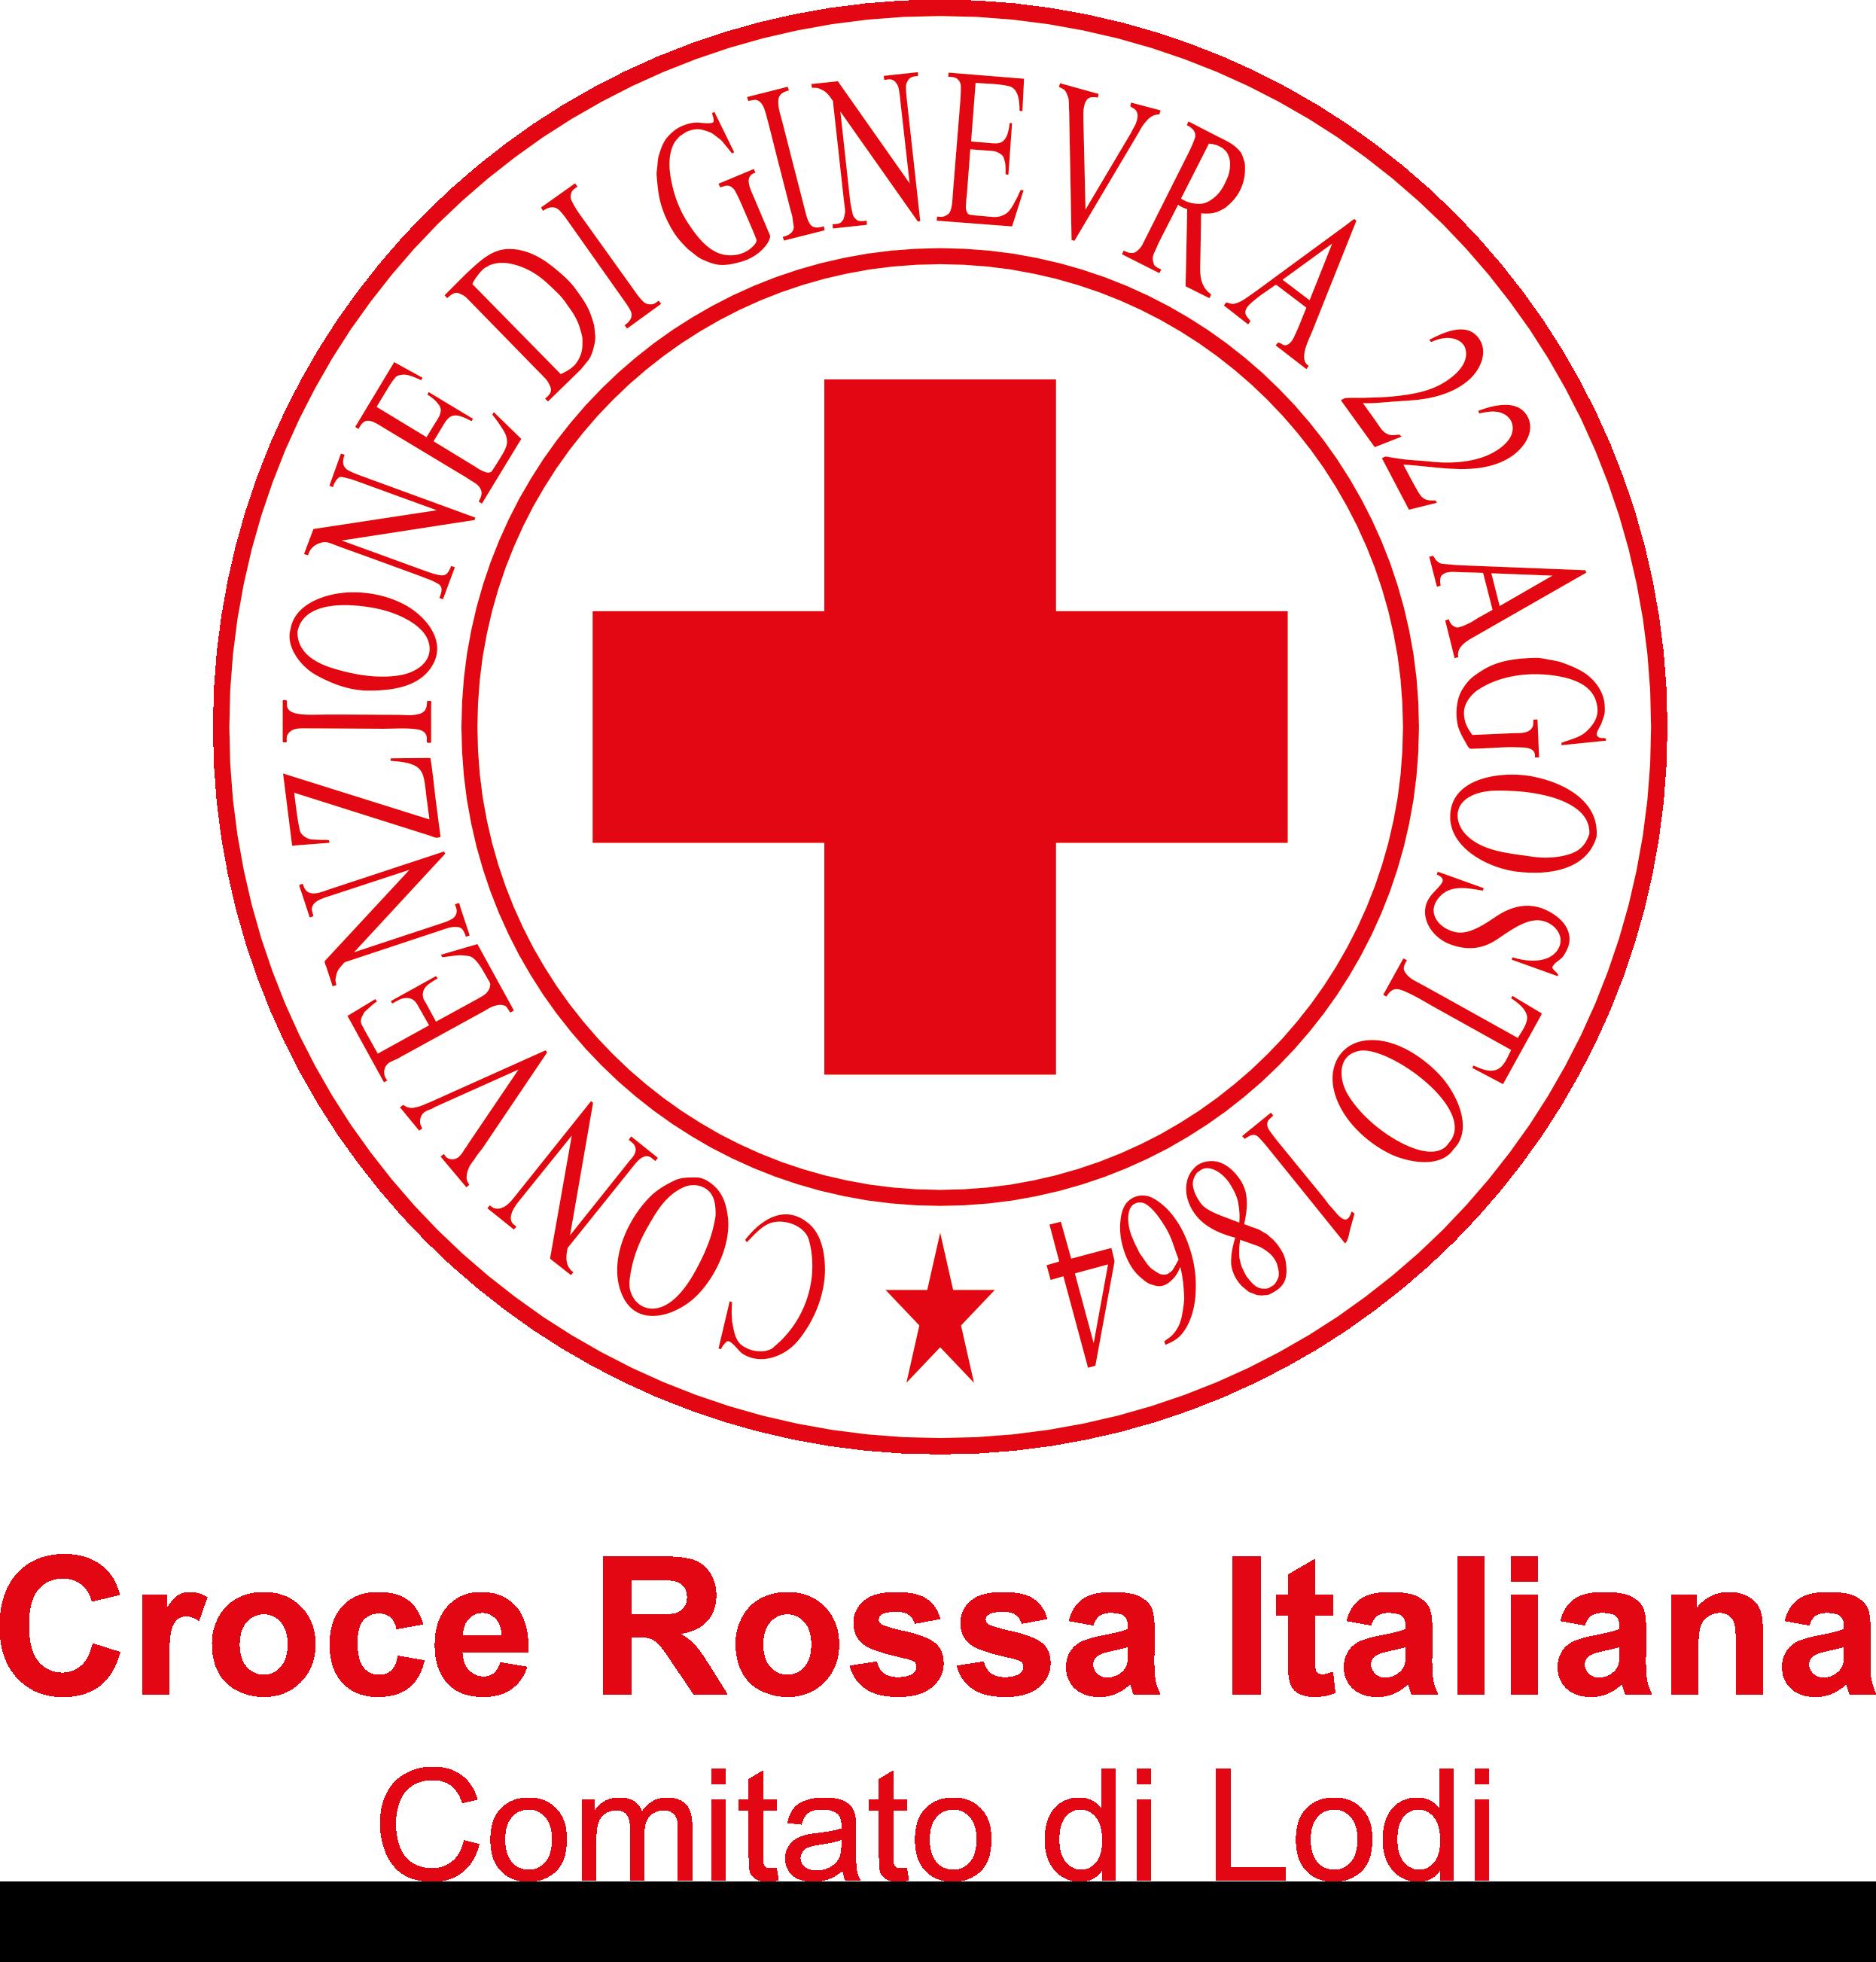 Rete del Dono - Croce Rossa Italiana - Comitato di Lodi